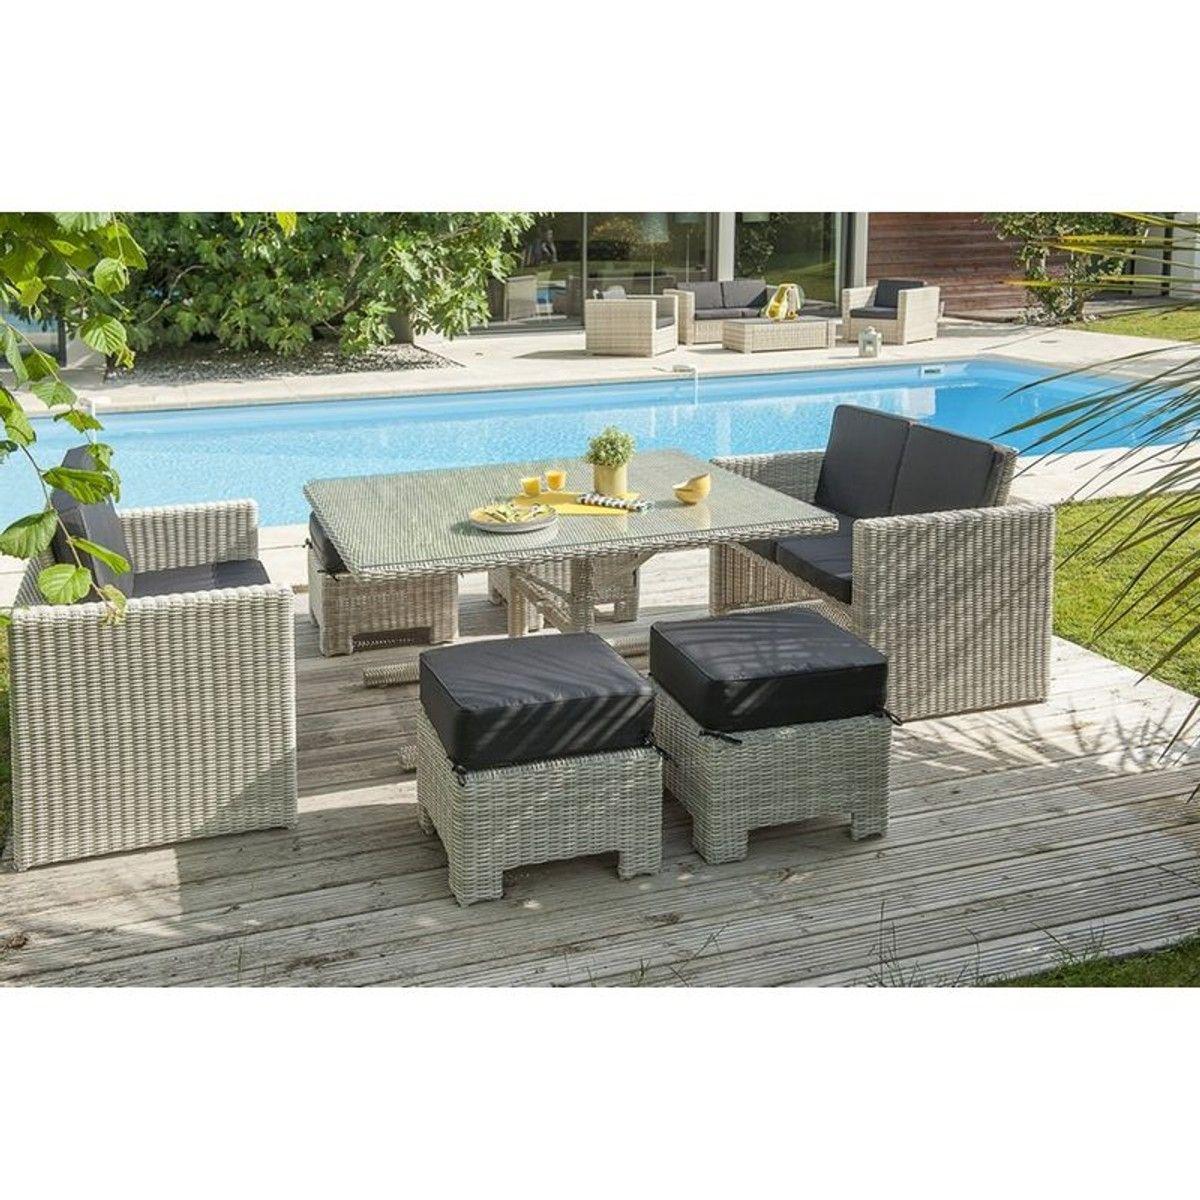 Salon De Jardin Encastrable 8 Places - Taille : 8 Pers En ... concernant Table De Jardin Encastrable